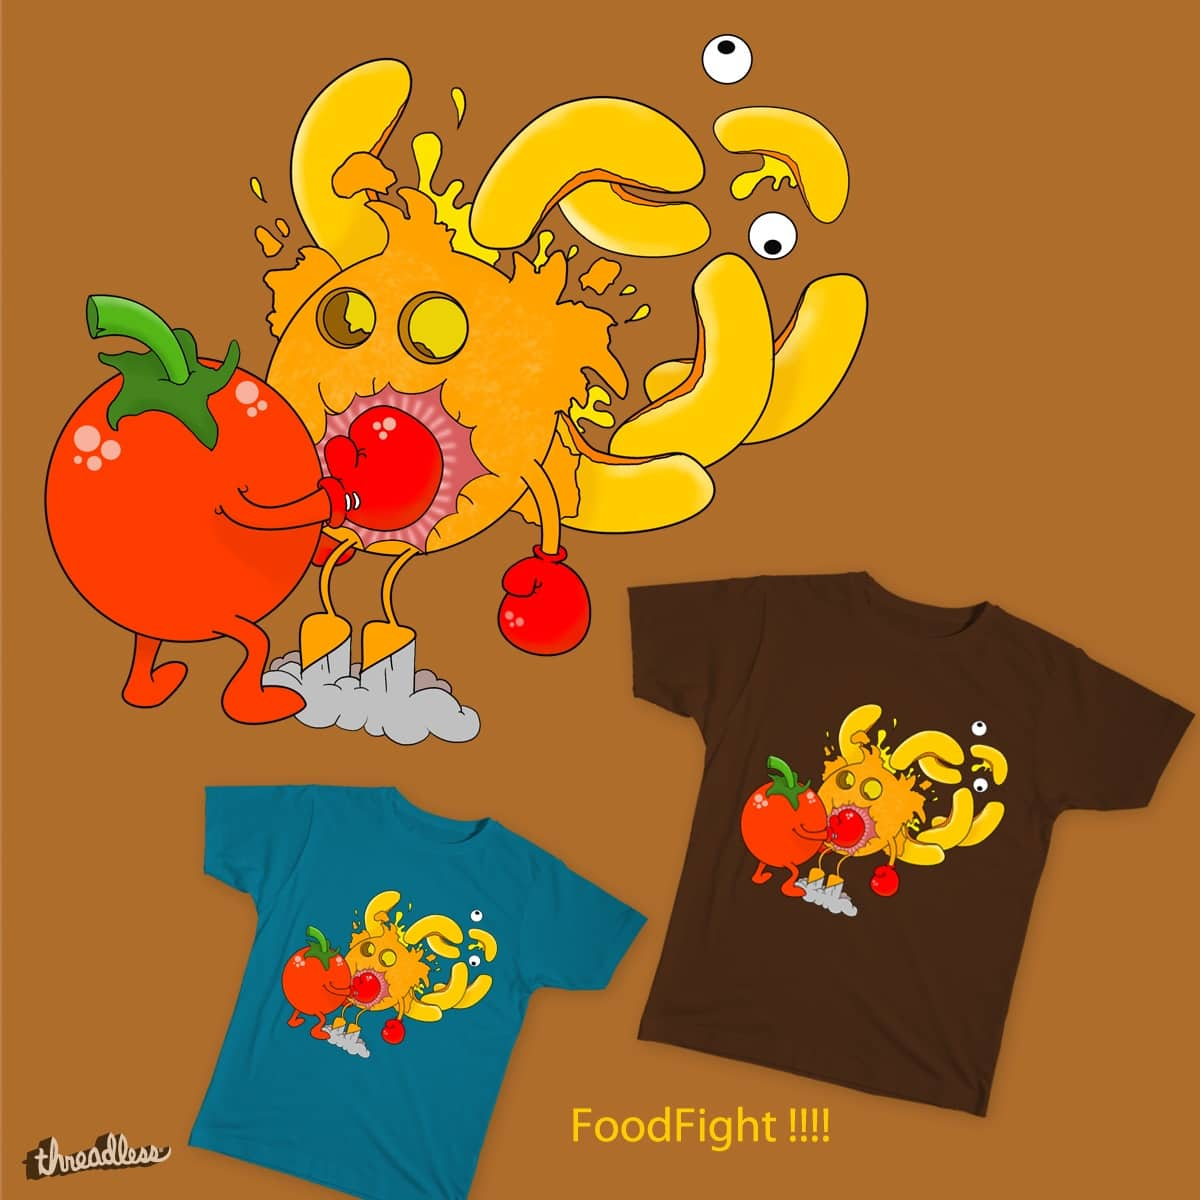 FOODFIGHT by Inkgorilla on Threadless